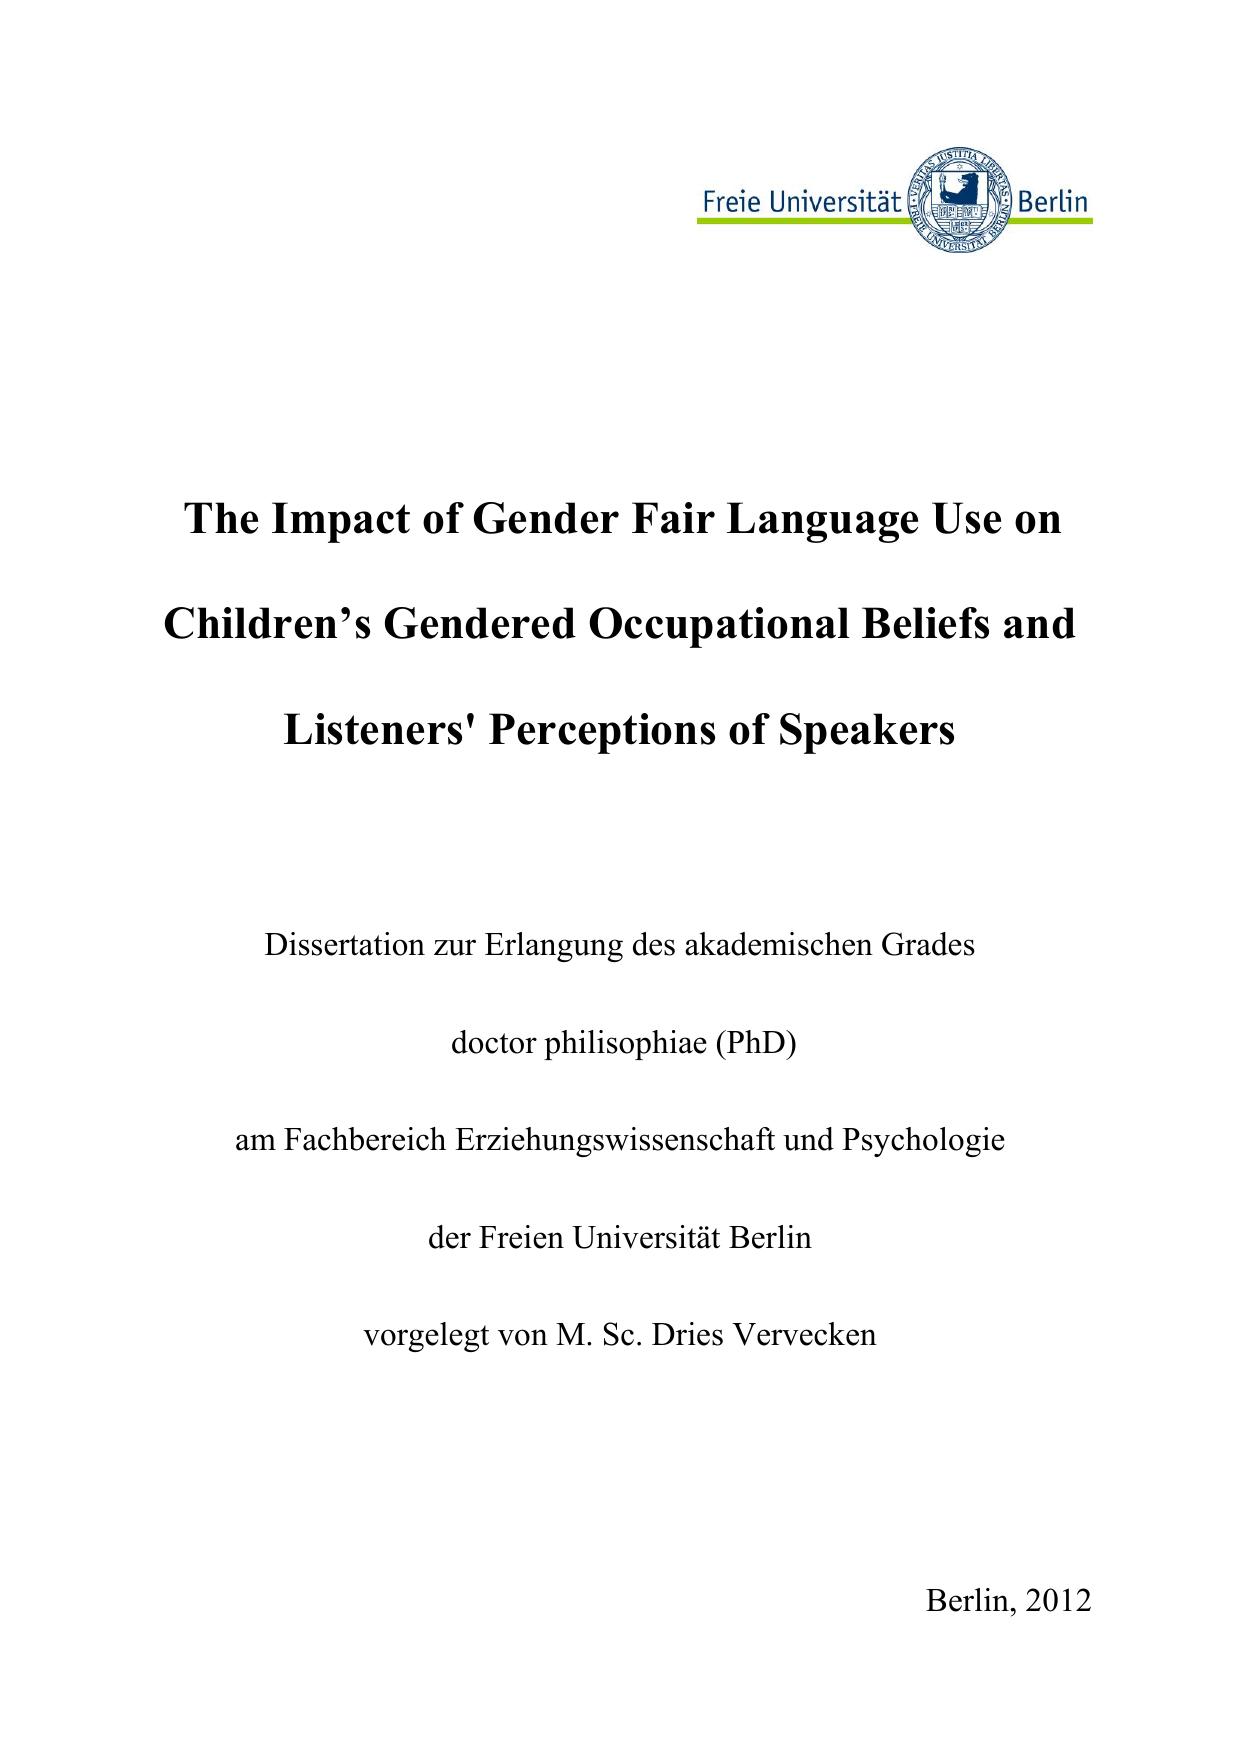 generisches maskulinum dissertation